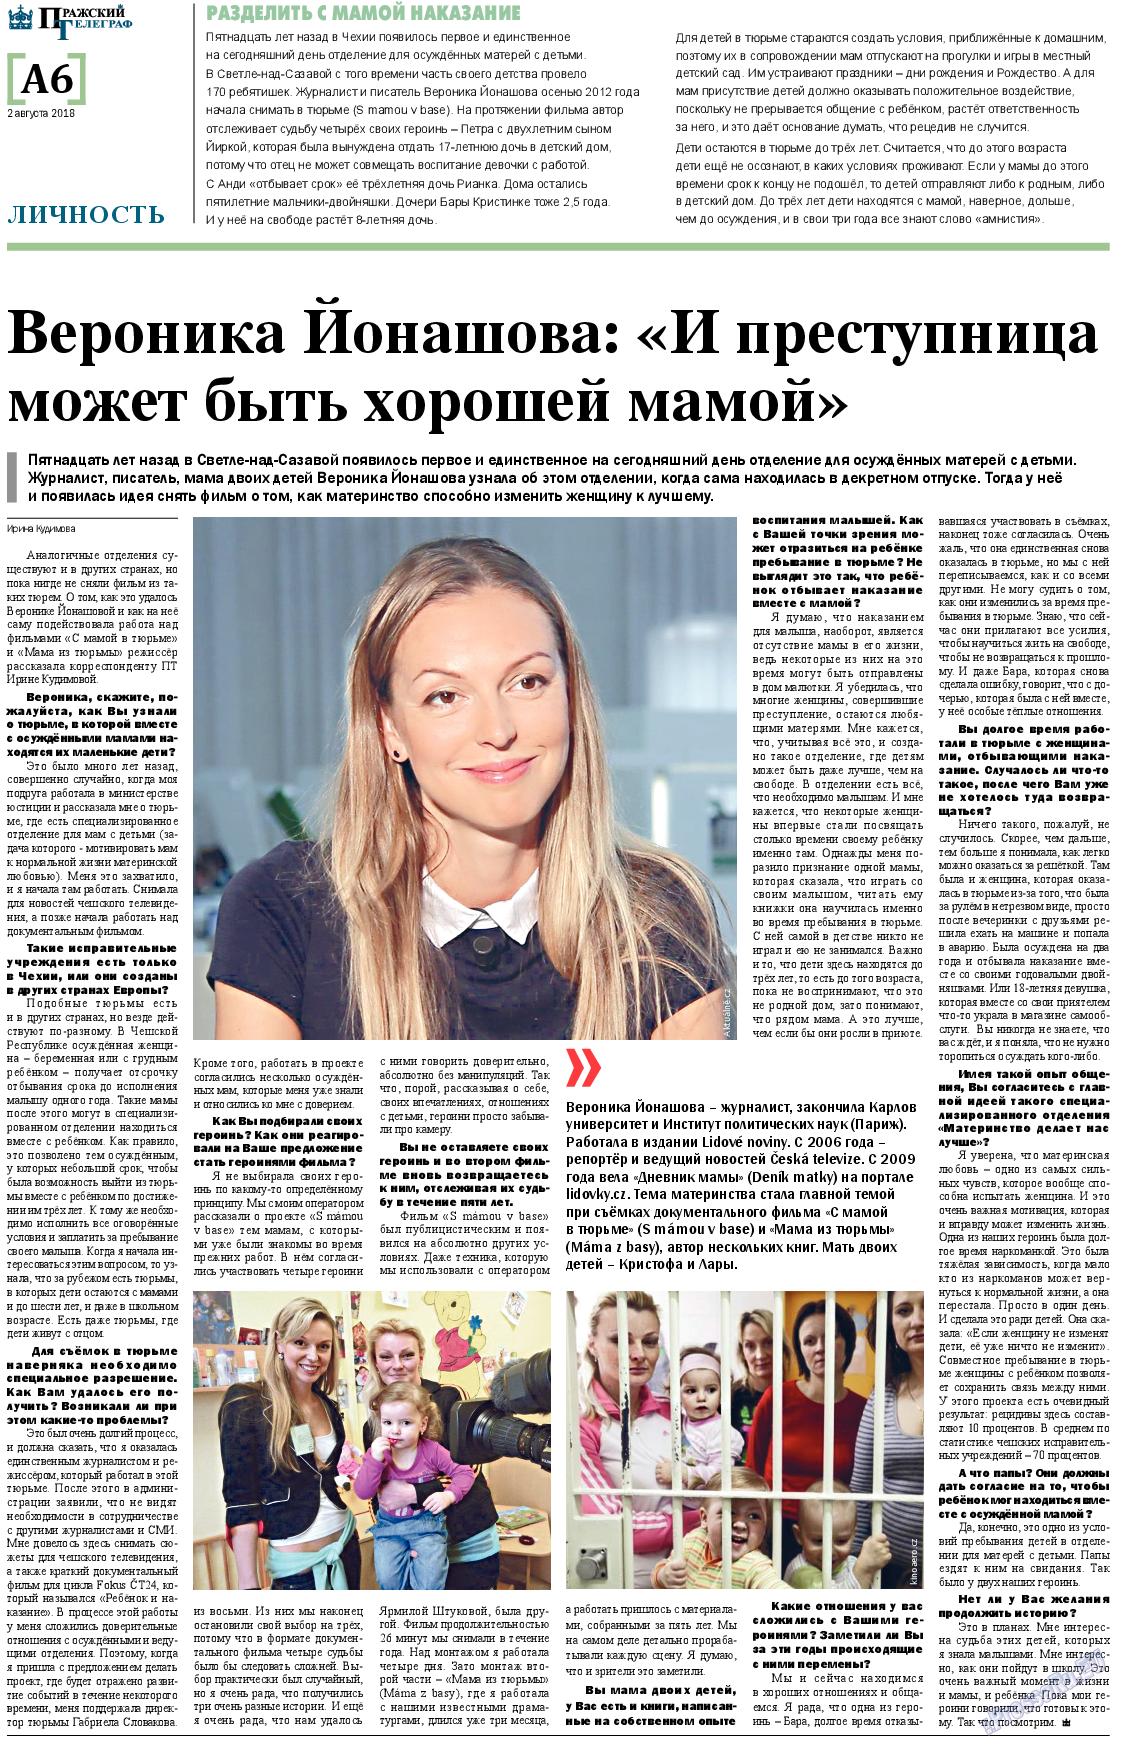 Пражский телеграф (газета). 2018 год, номер 31, стр. 6